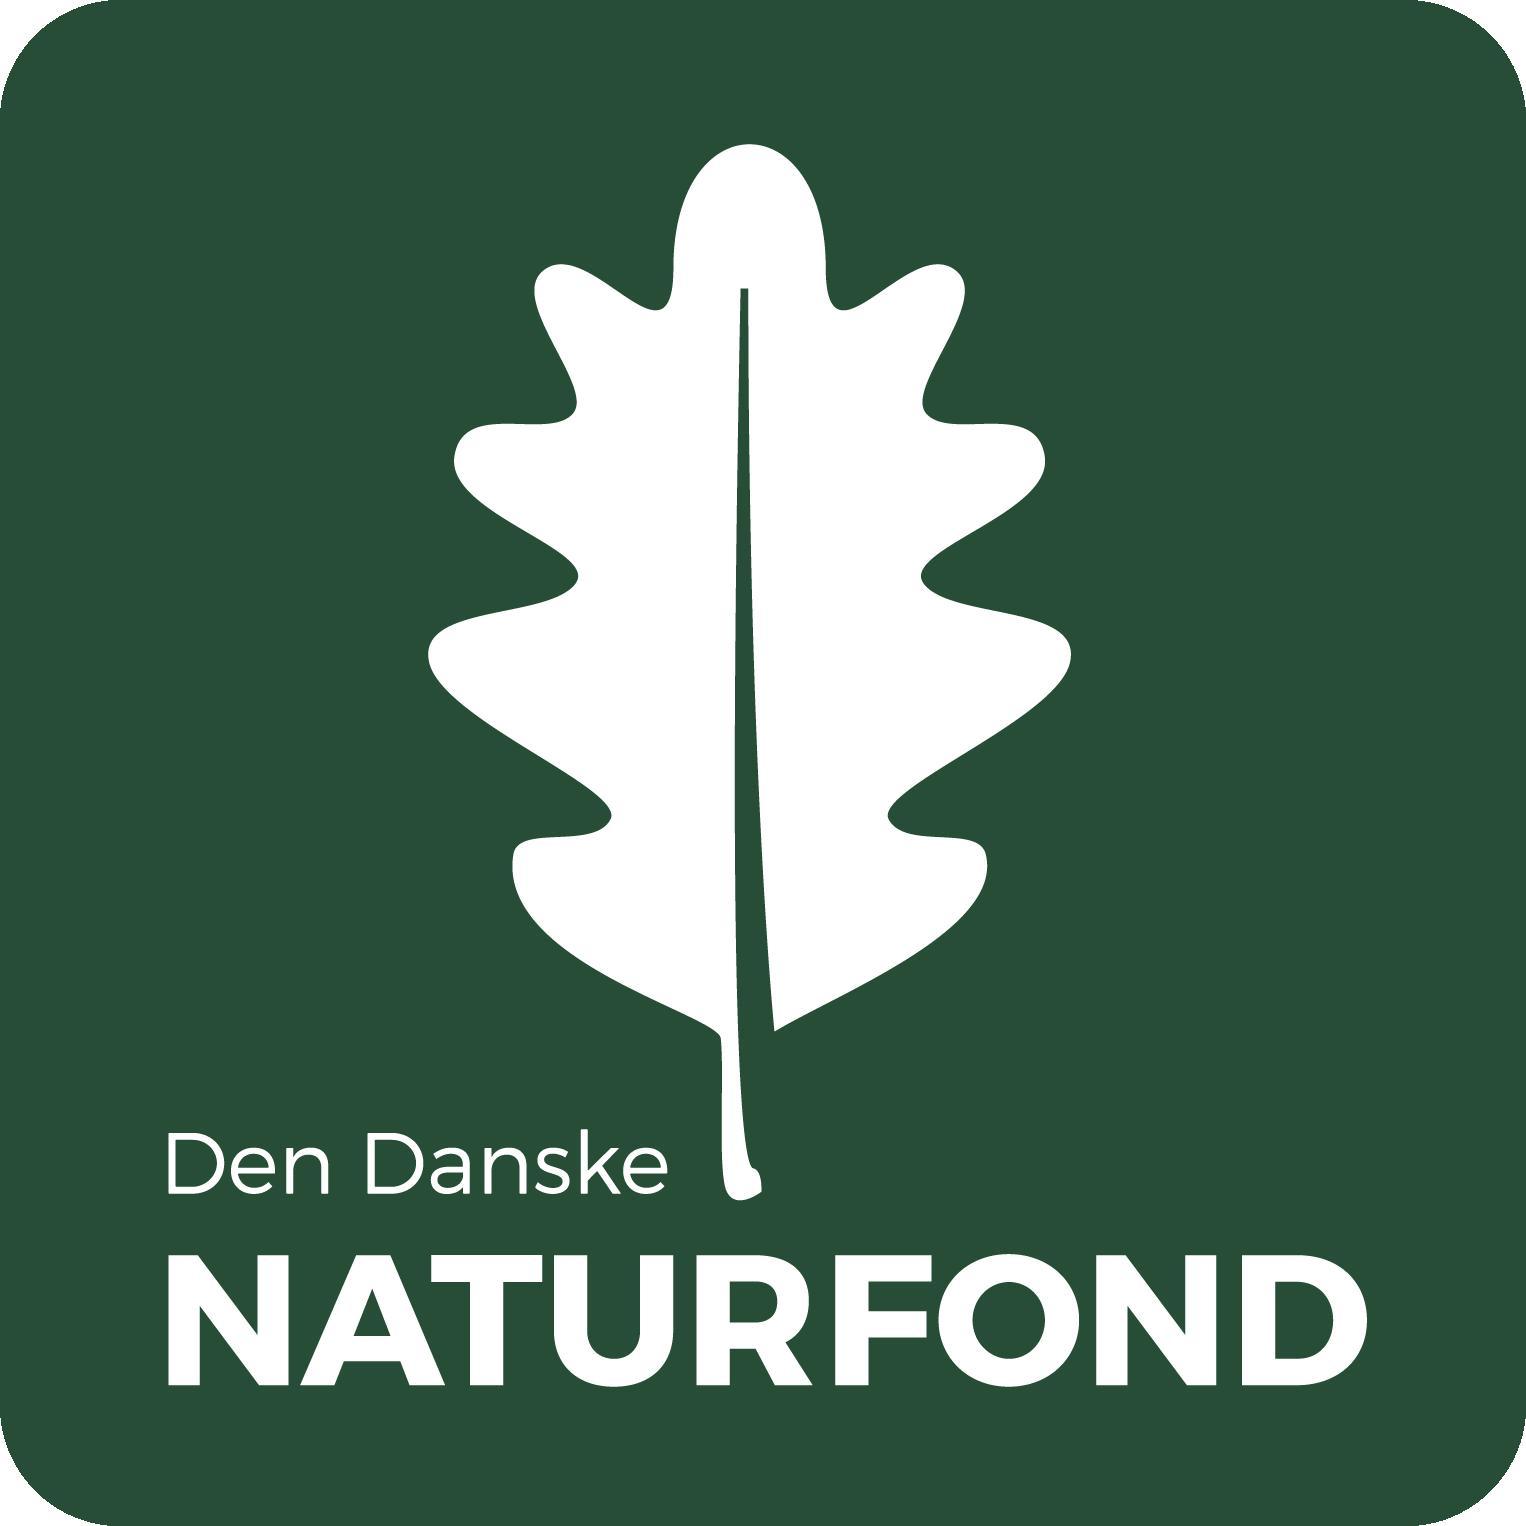 Den Danske Naturfond logo